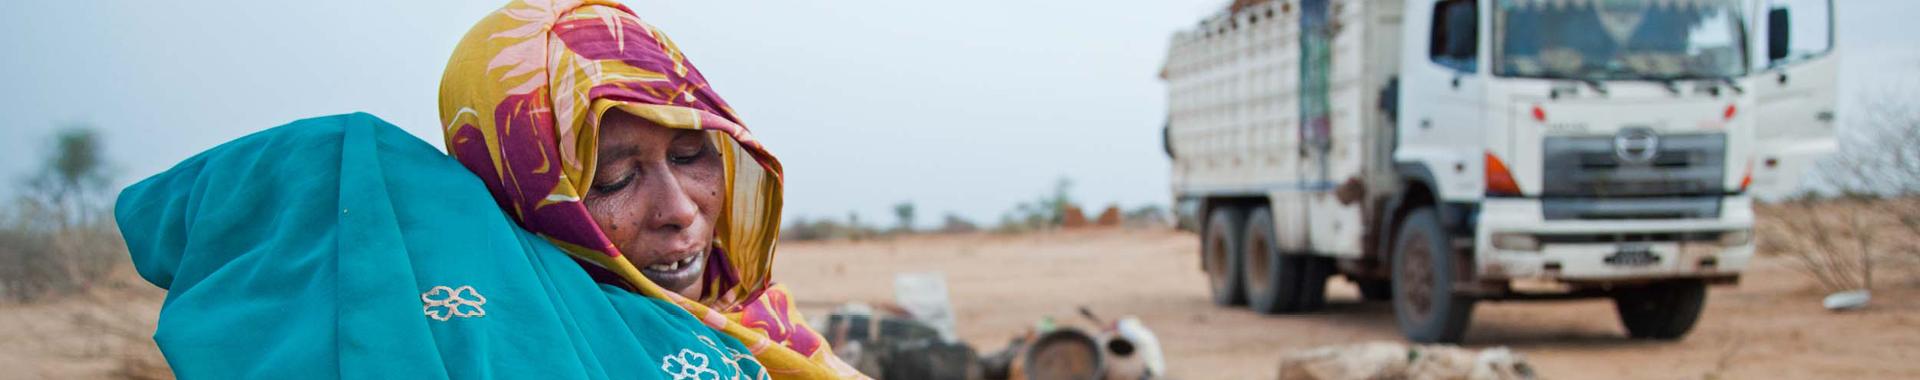 Photo: Albert Gonzalez Farran / UNAMID